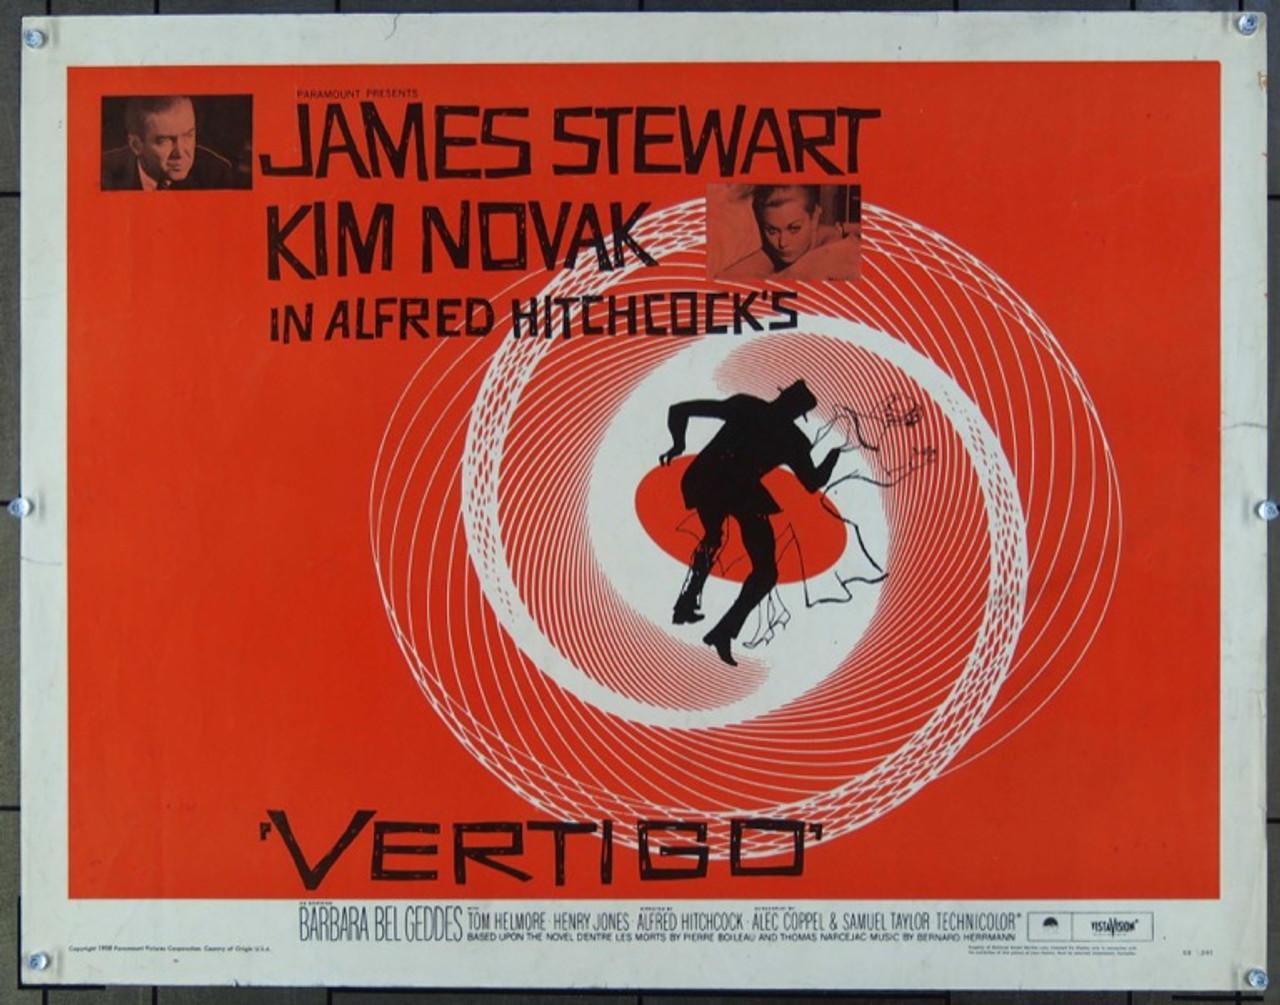 Original Vertigo (1958) movie poster in C8 condition for $3800.00